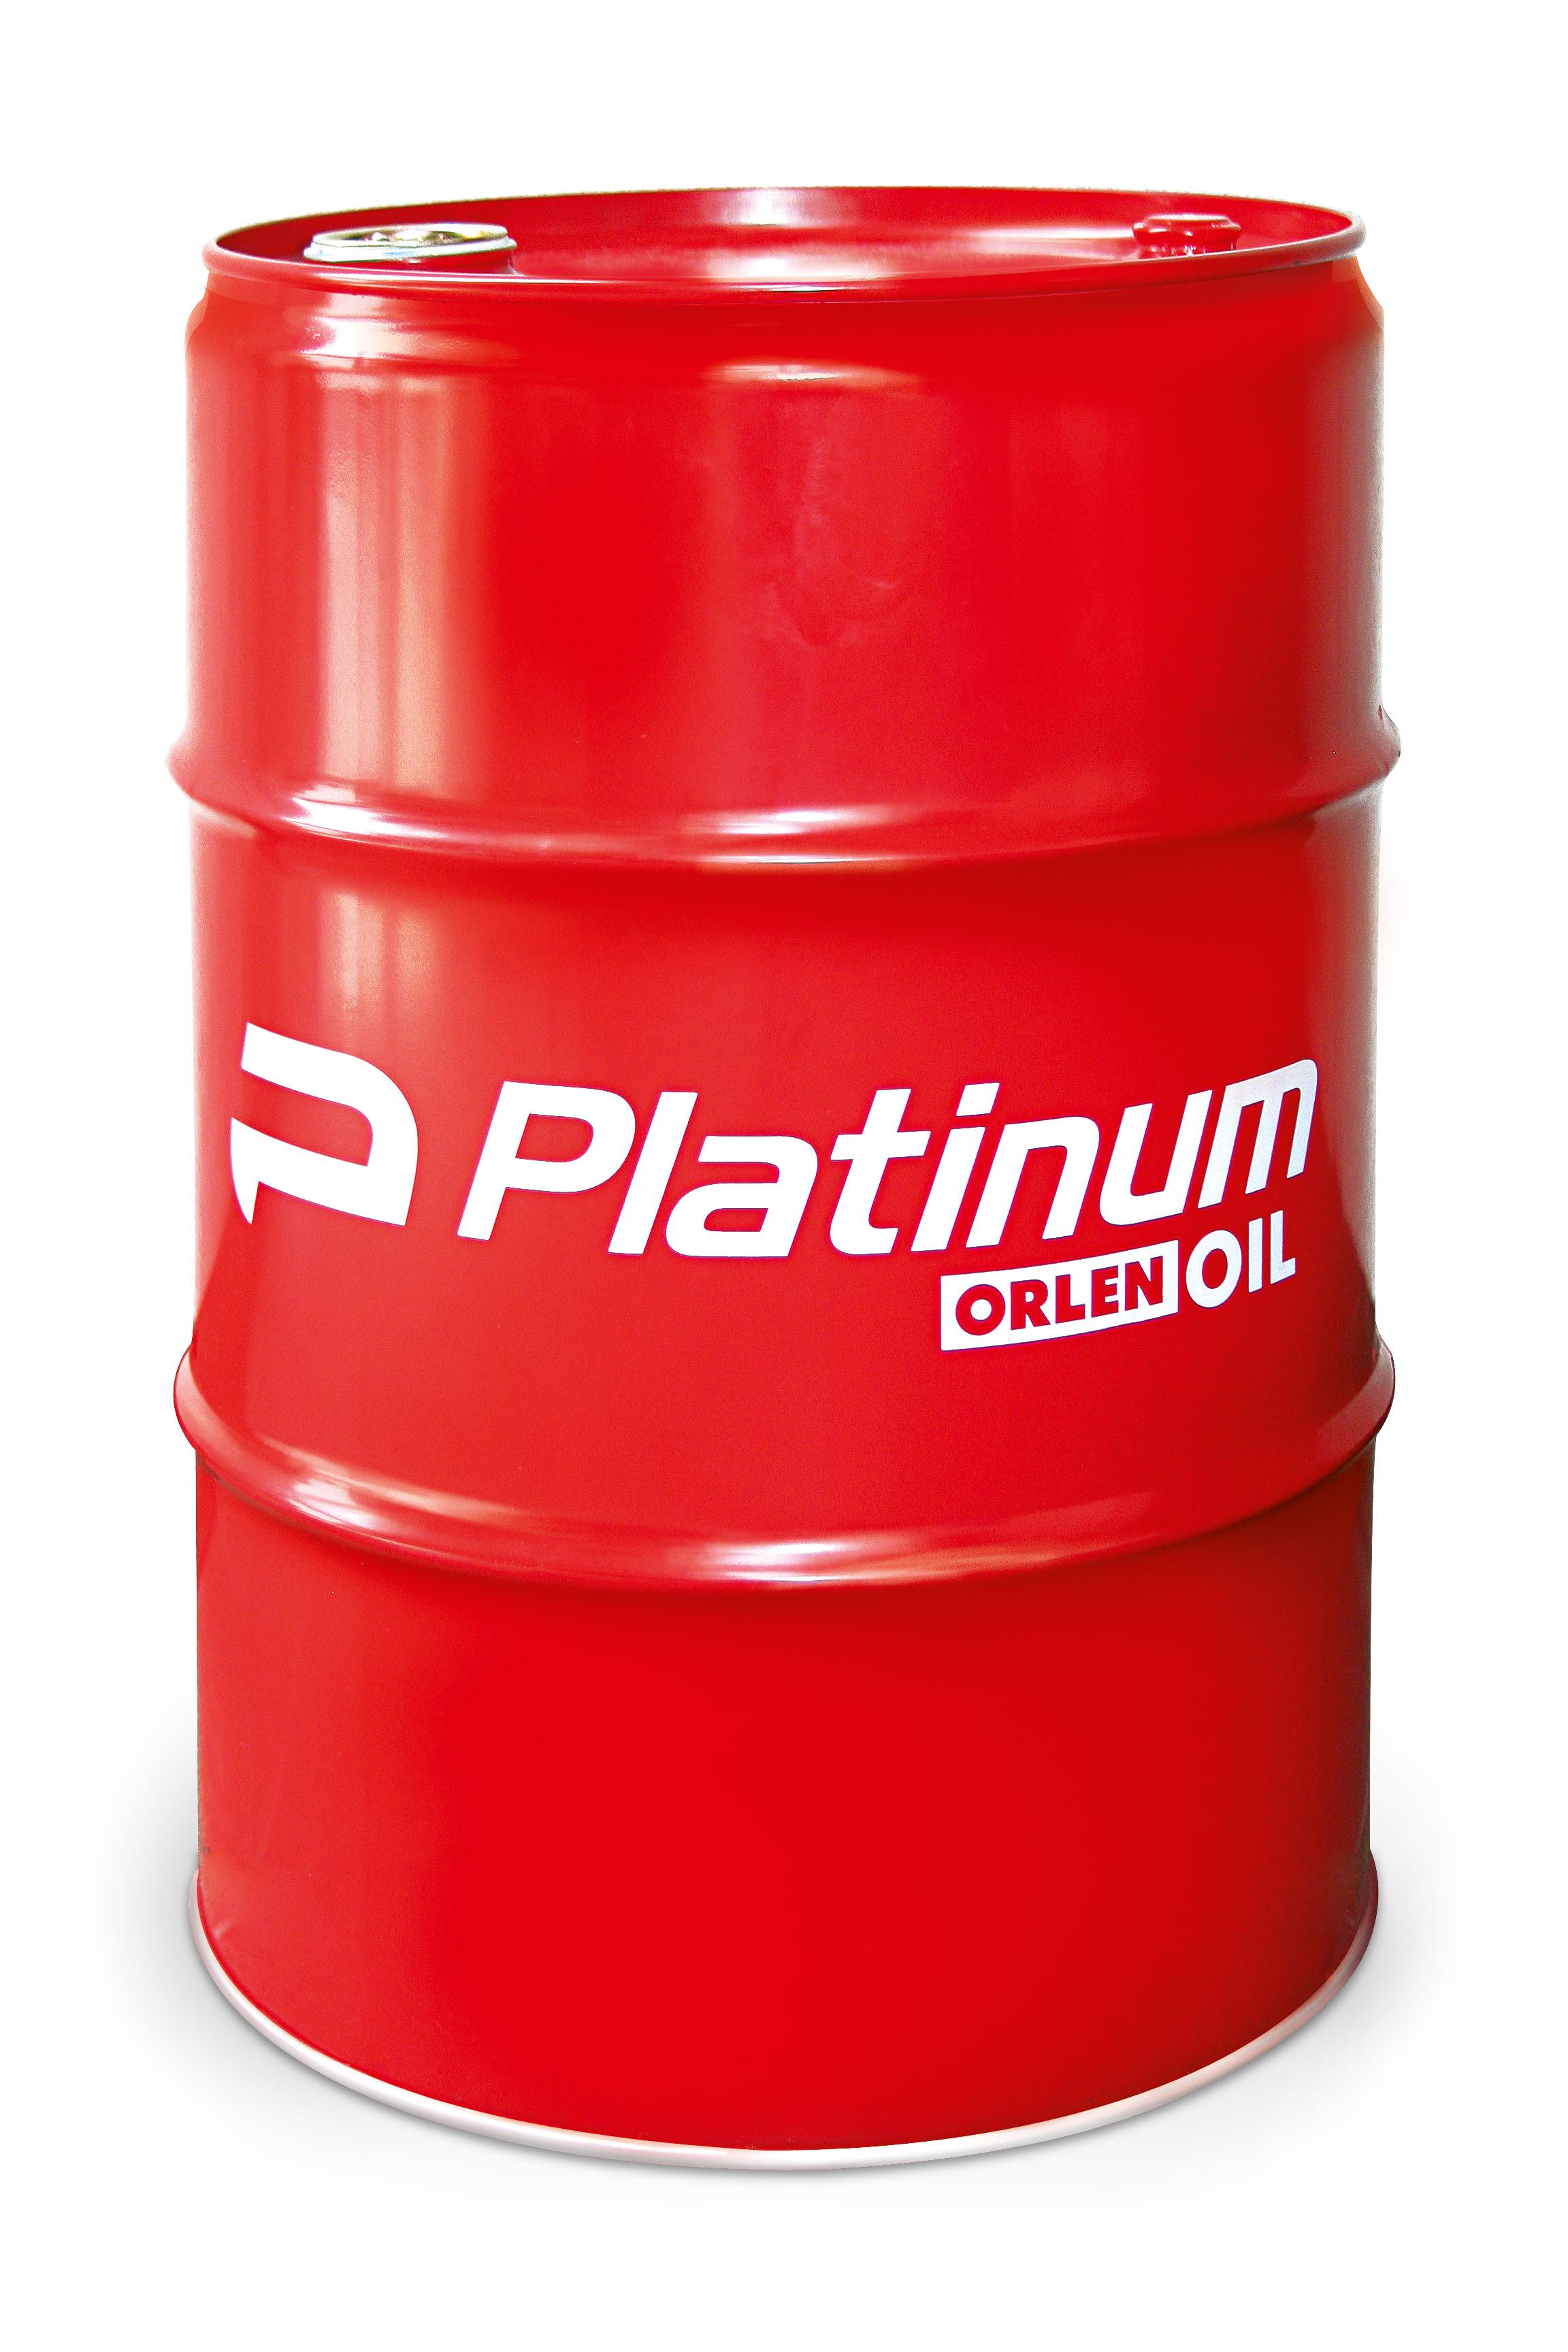 Orlen 10w40 1L Platinum classic